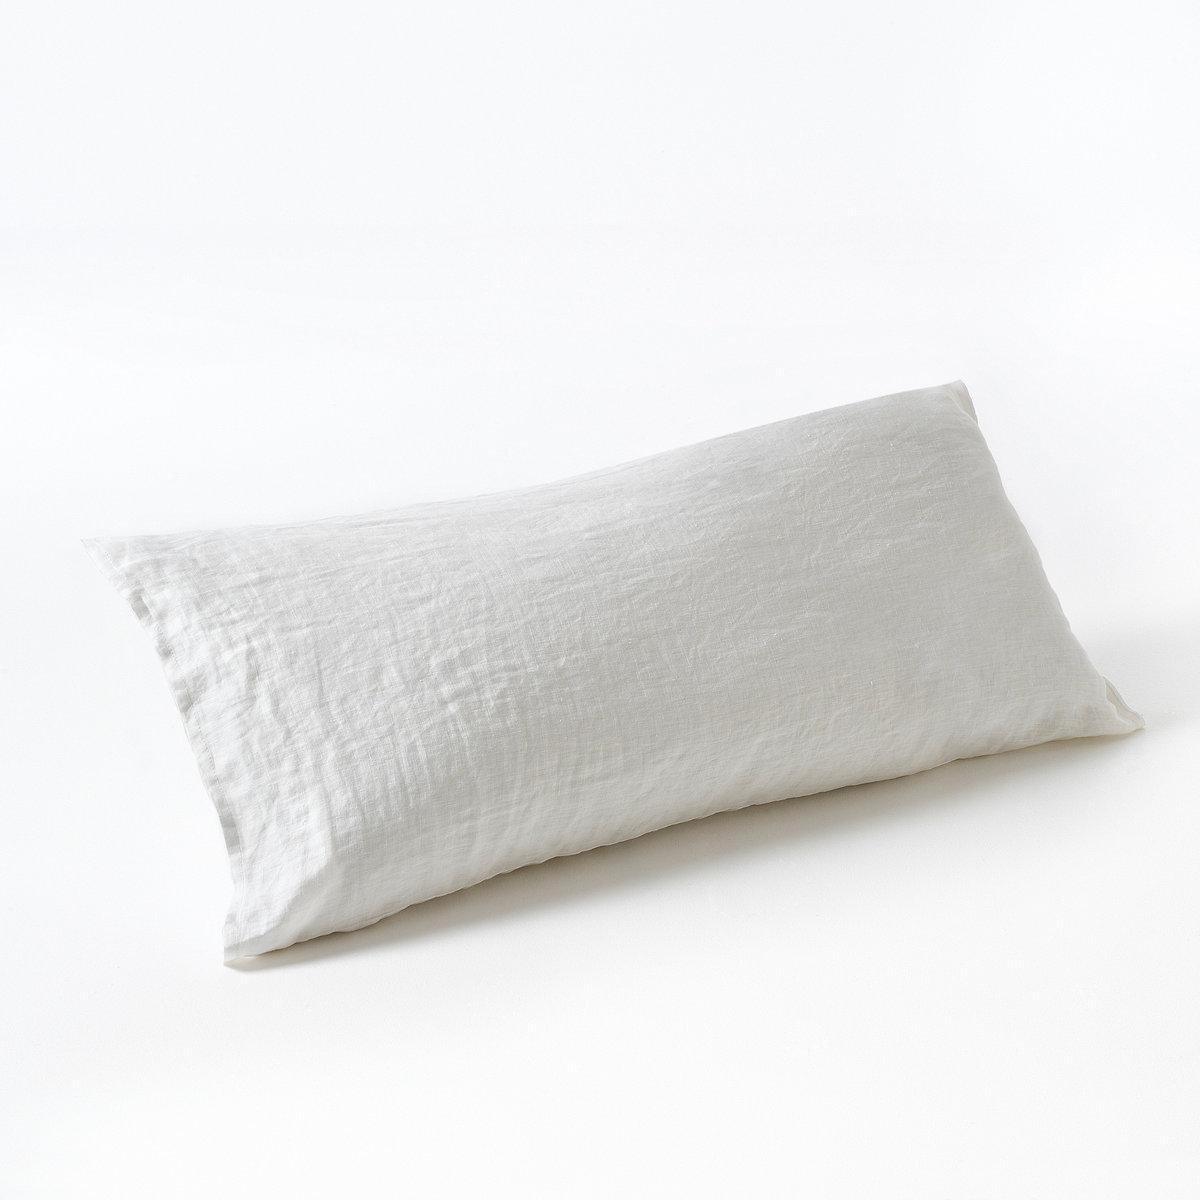 Наволочка на подушку-валик из 100% льна, ElinaНаволочка на подушку-валик из осветленного льна Elina, прохладная летом, комфортная зимой, сочетает в себе аутентичность, комфорт и элегантность... Откройте палитру современных оттенков и сочетайте их по желанию . 100% льна. Ткань с легким жатым эффектом не требует глажки, проста в уходе, становится более мягкой и нежной с течением времени.Состав :- 100% льна.Уход :- Машинная стирка при 40°.Размеры на выбор :Подходит для круглых и плоских подушек-валиков.90   : Длина 90 см 140 : длина 140 см160 : длина 160 см Сертификат Oeko-Tex® дает гарантию того, что товары изготовлены без применения химических средств и не представляют опасности для здоровья человека.<br><br>Цвет: антрацит,белый,красно-коричневый,серо-бежевый,серый,темно-синий<br>Размер: 90 см